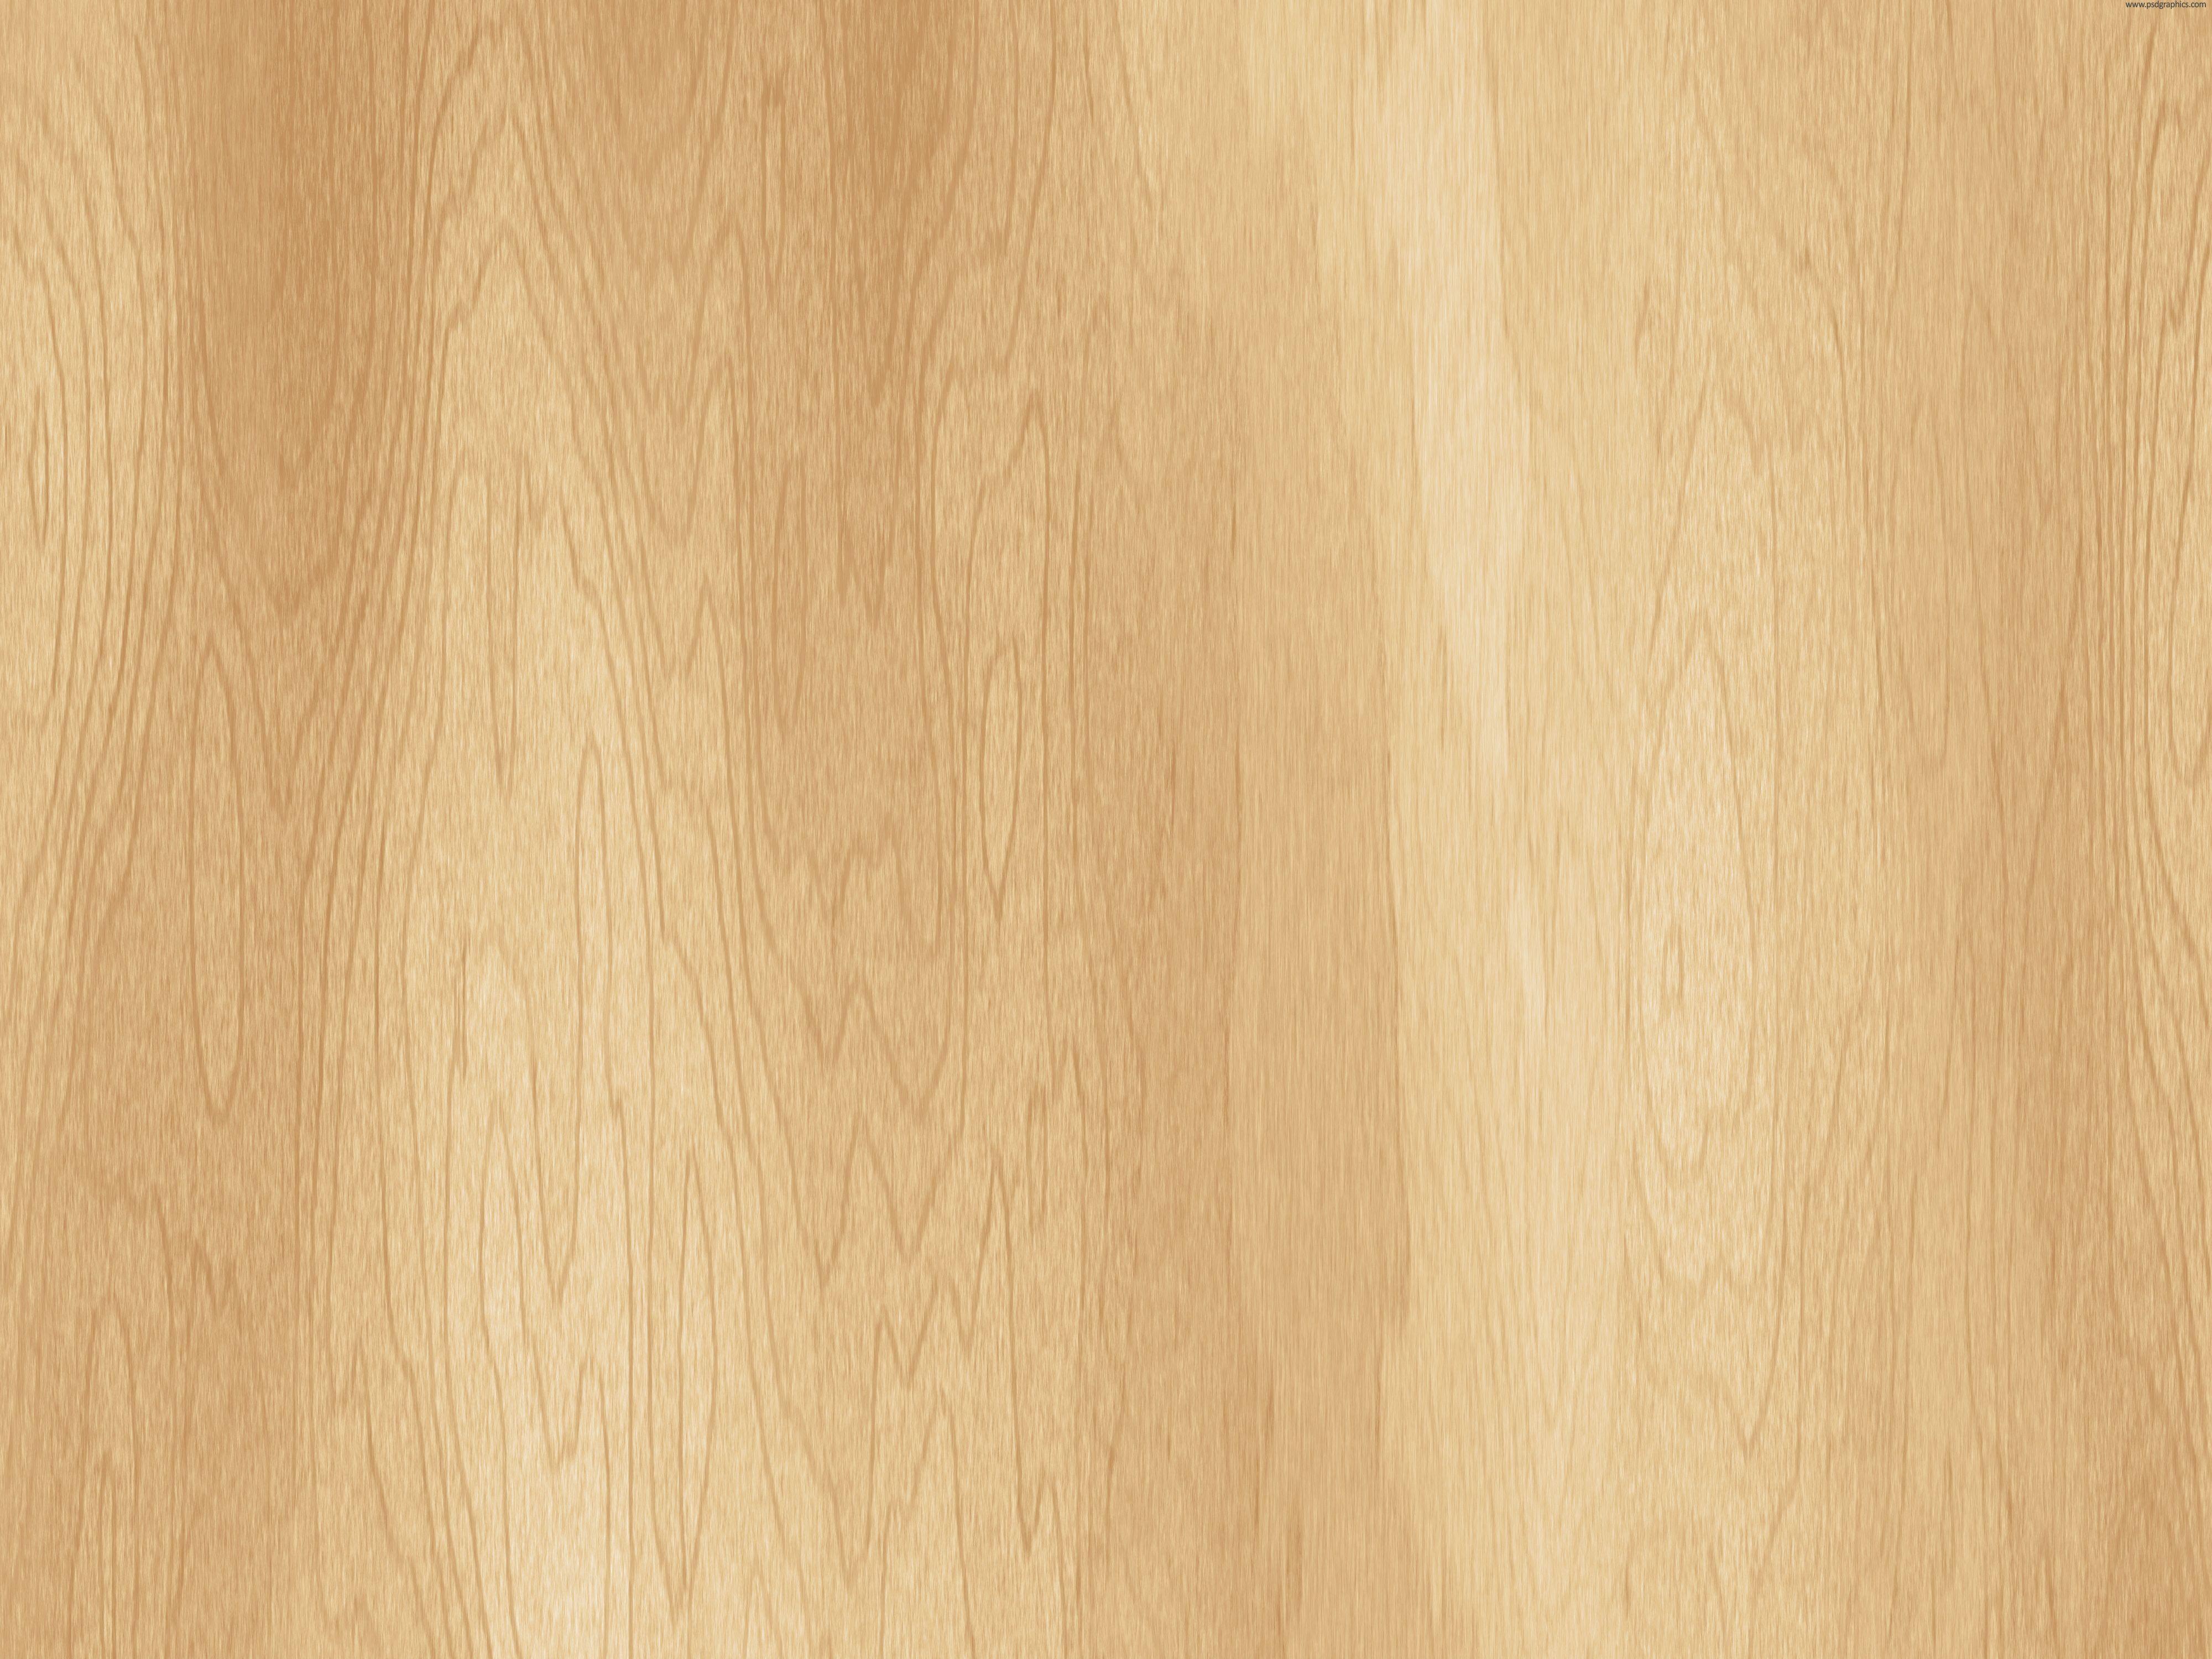 Light Wood Floor Background. Light Wood Texture  Books Worth Reading Pinterest wood